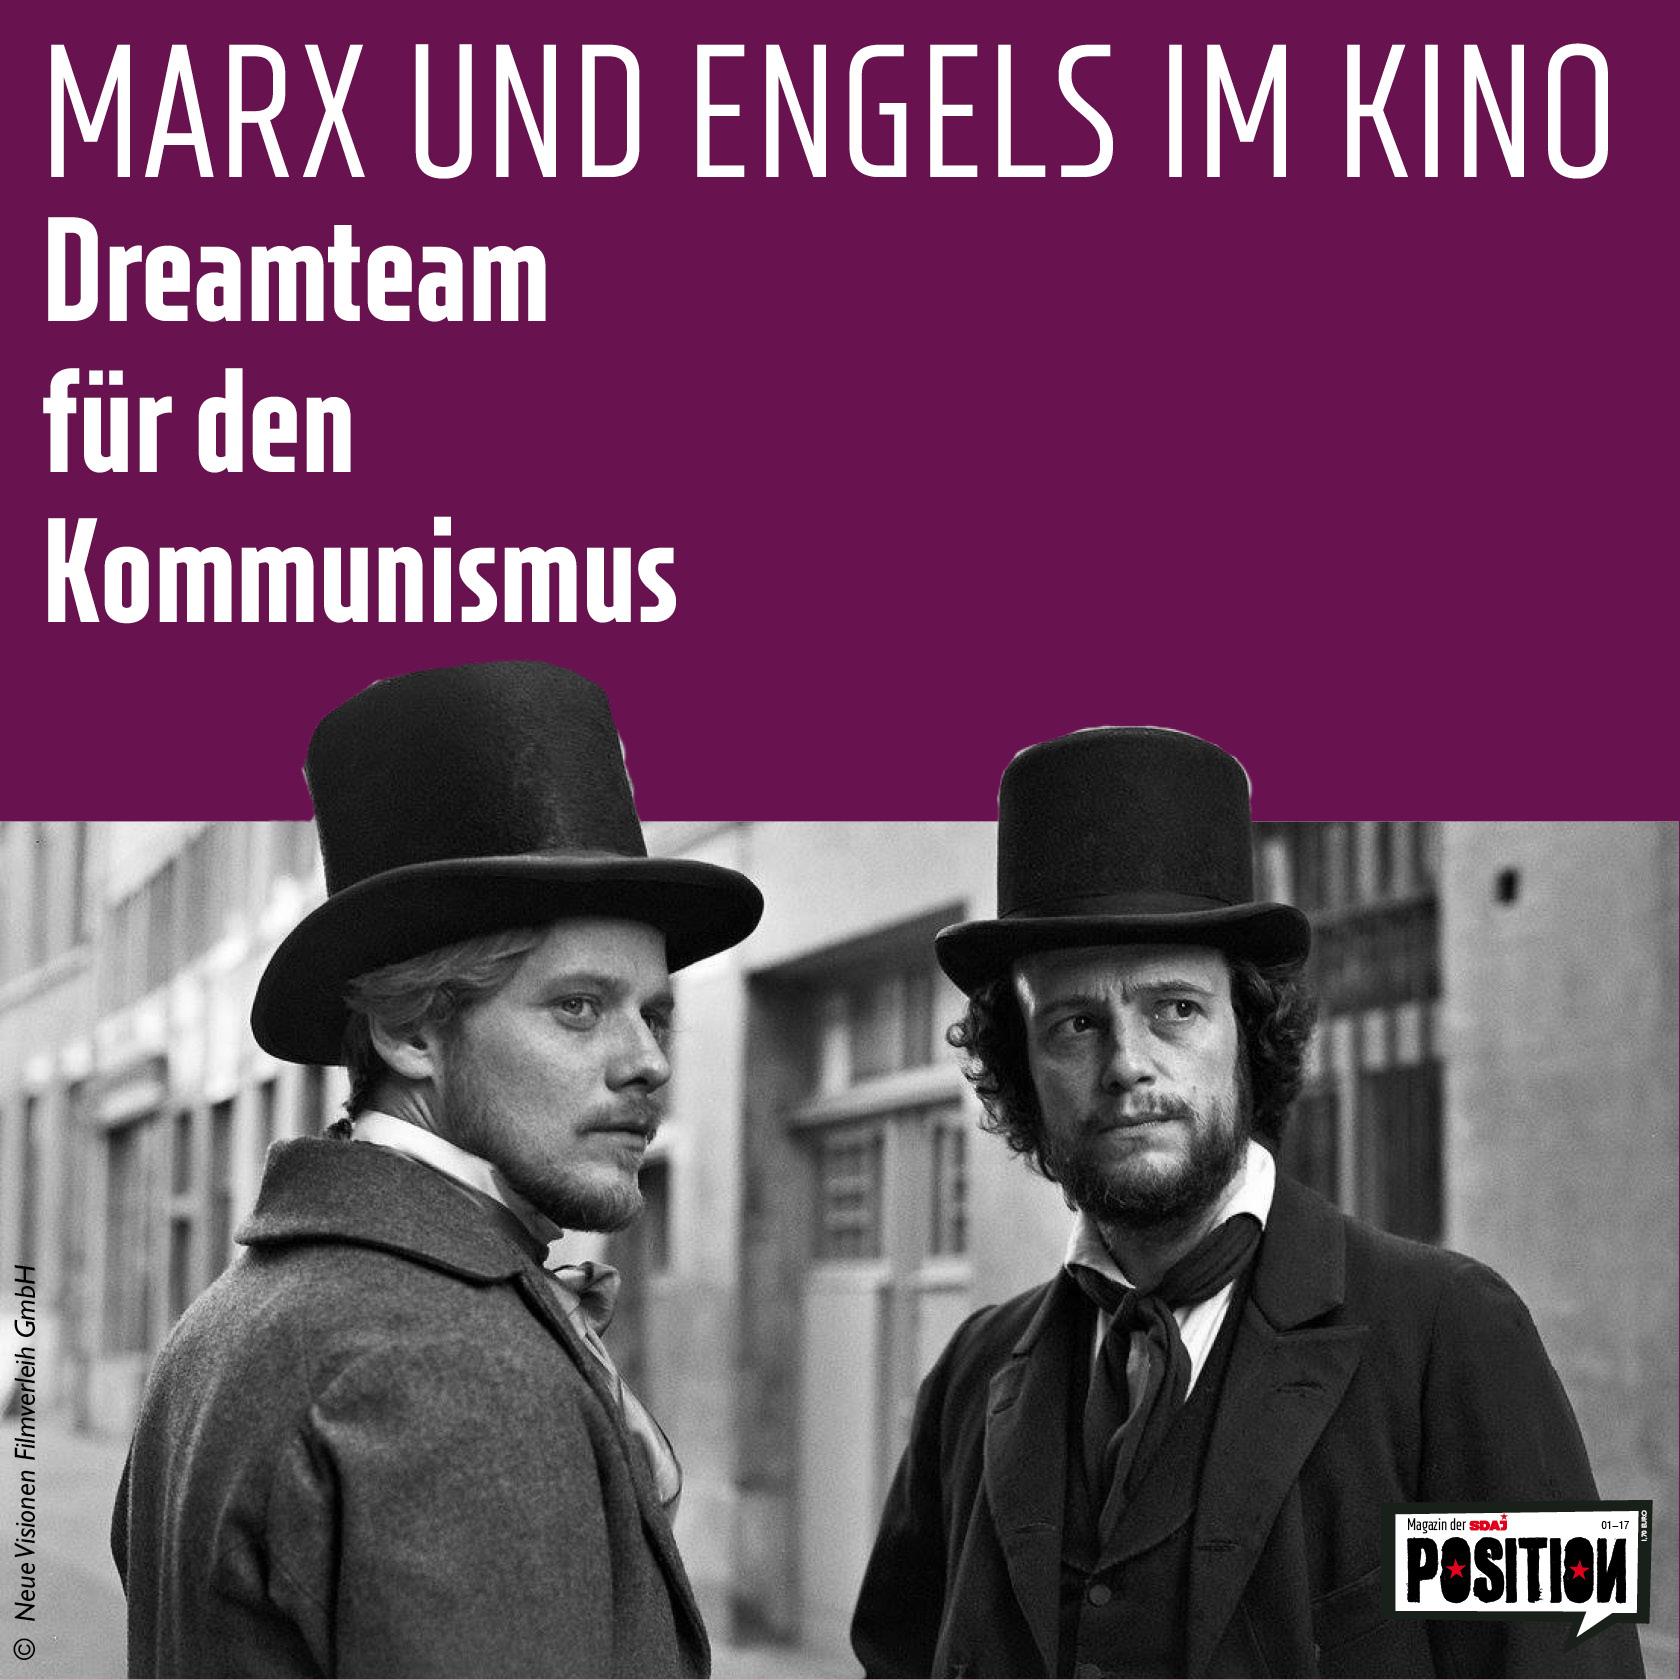 Dreamteam für den Kommunismus